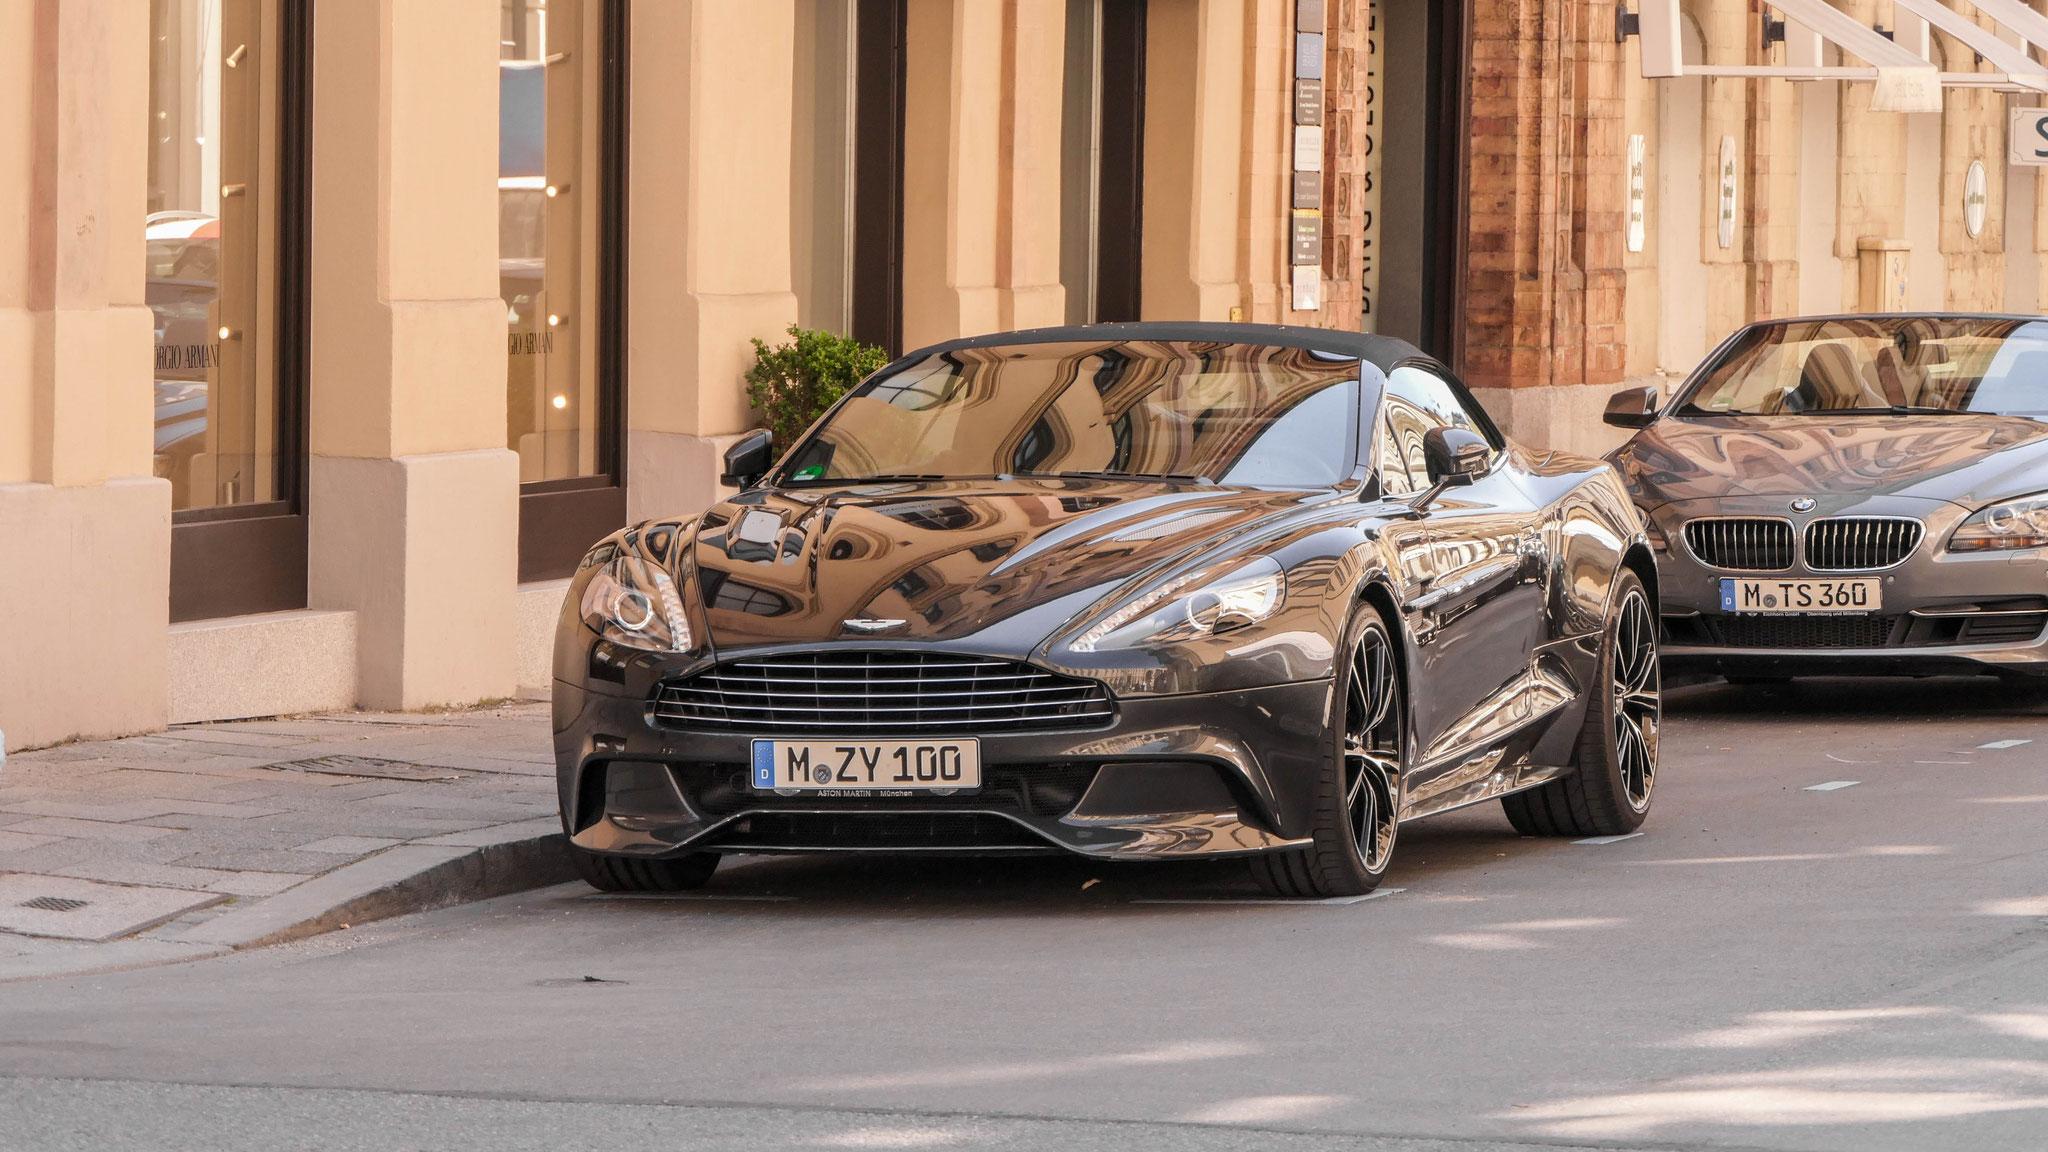 Aston Martin Vanquish Volante - M-ZY-100